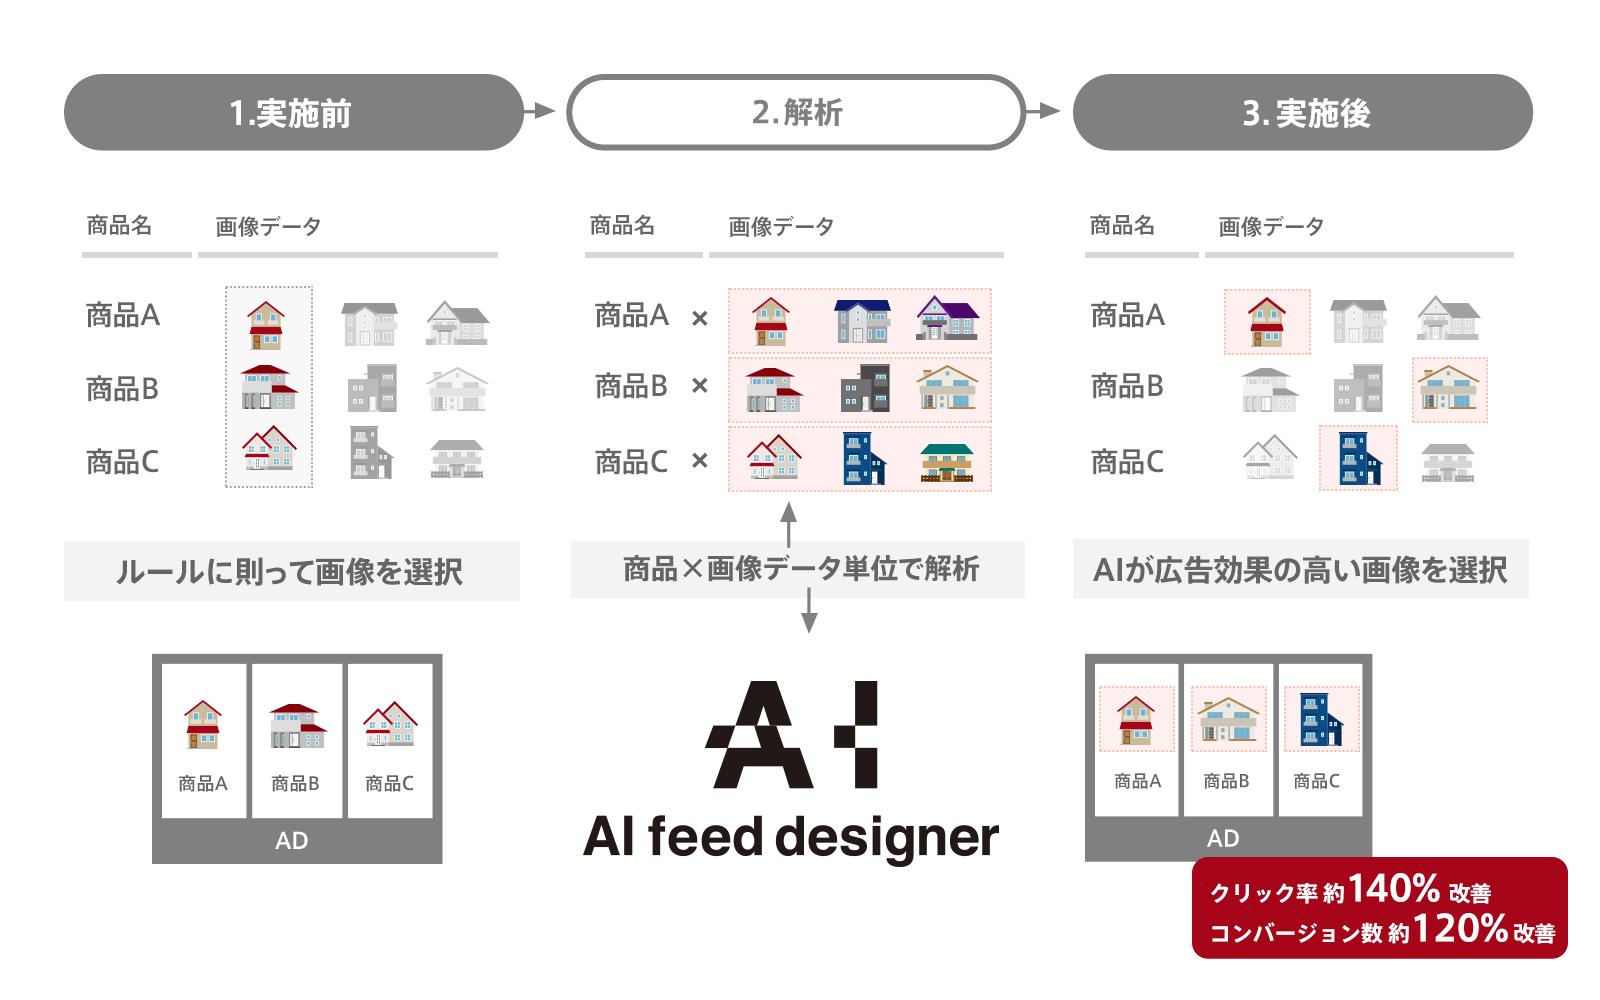 「AI feed designer」概要図